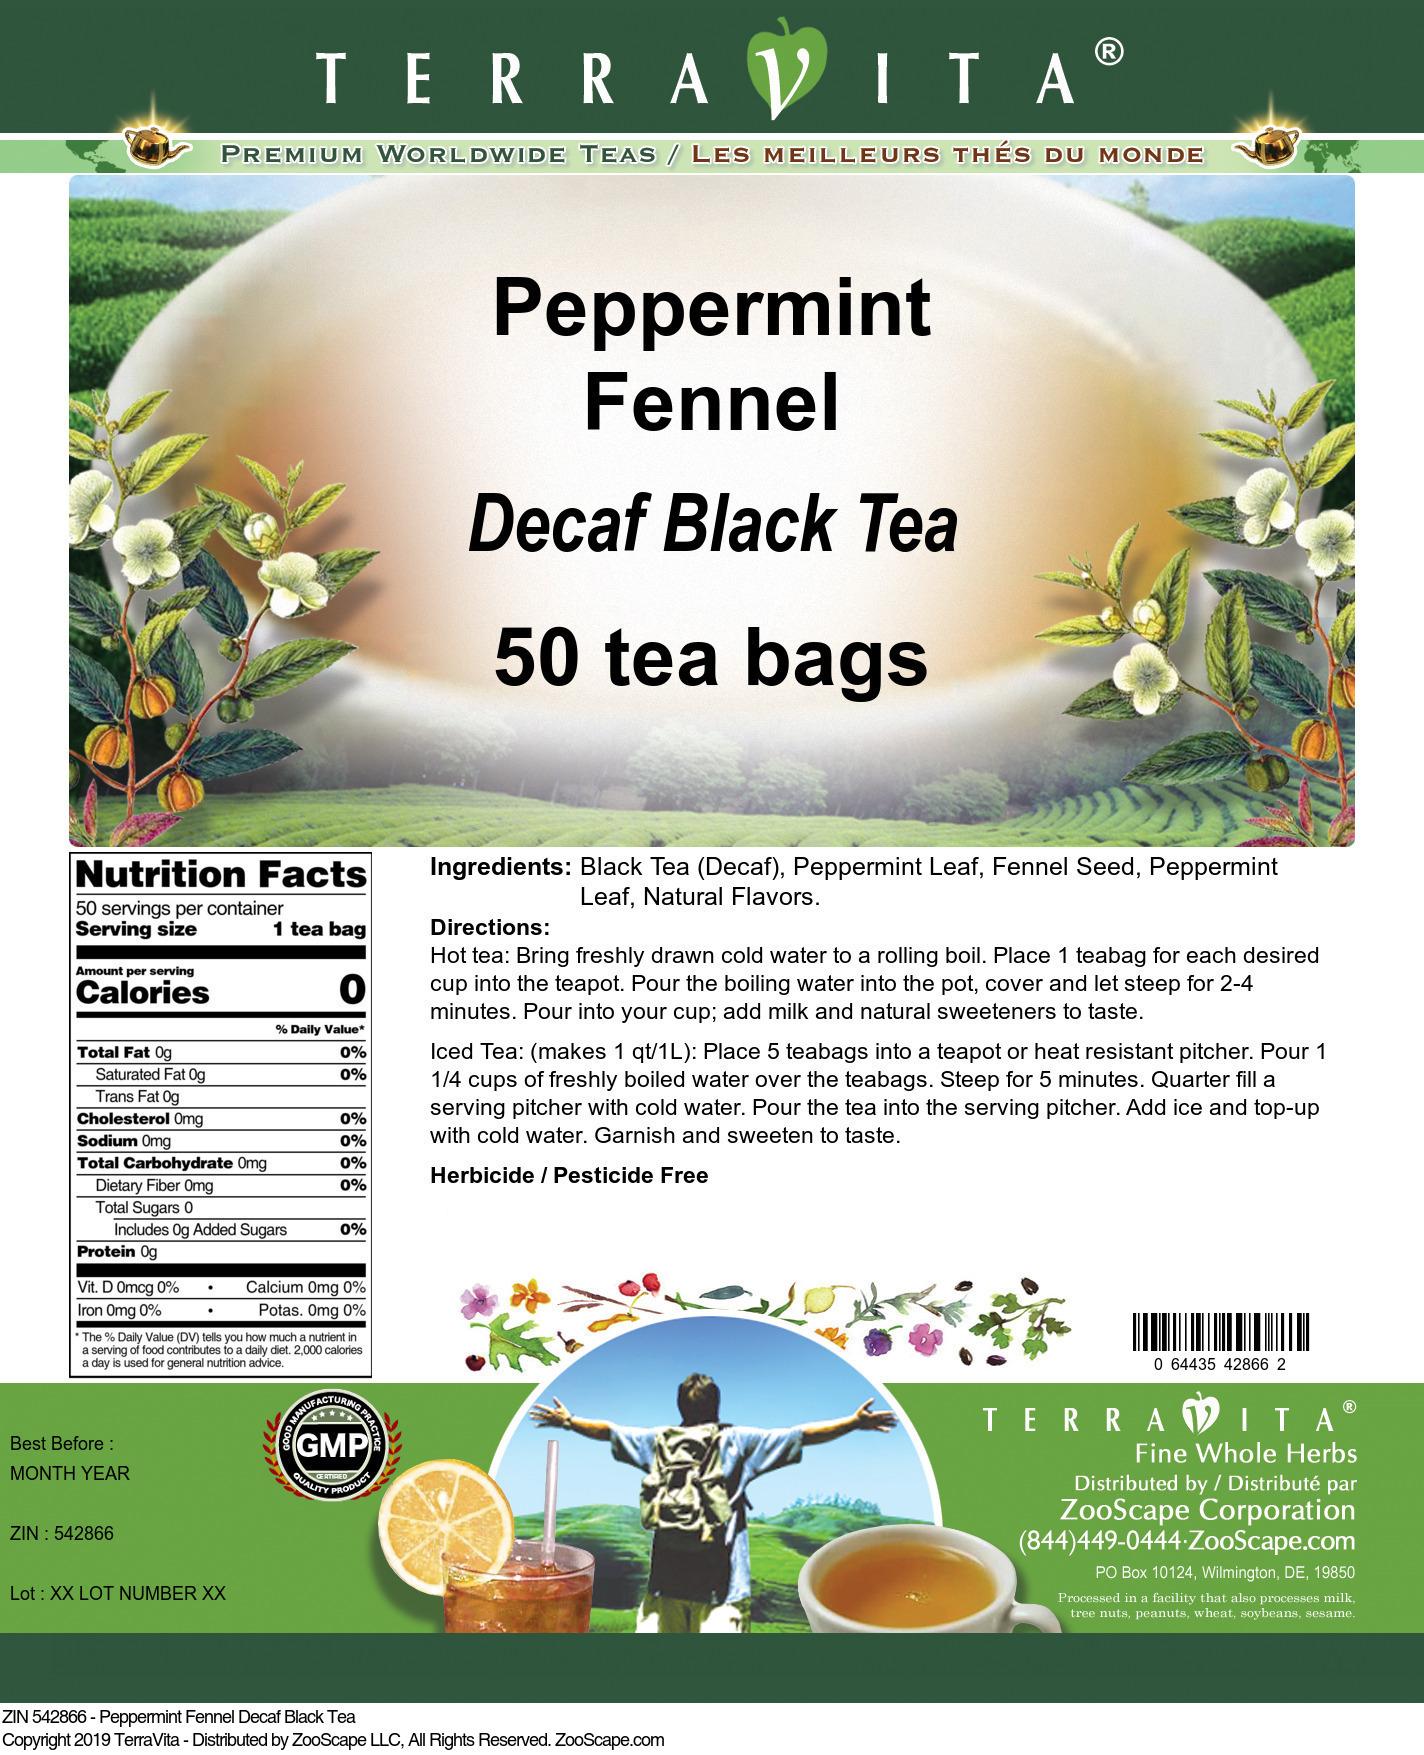 Peppermint Fennel Decaf Black Tea